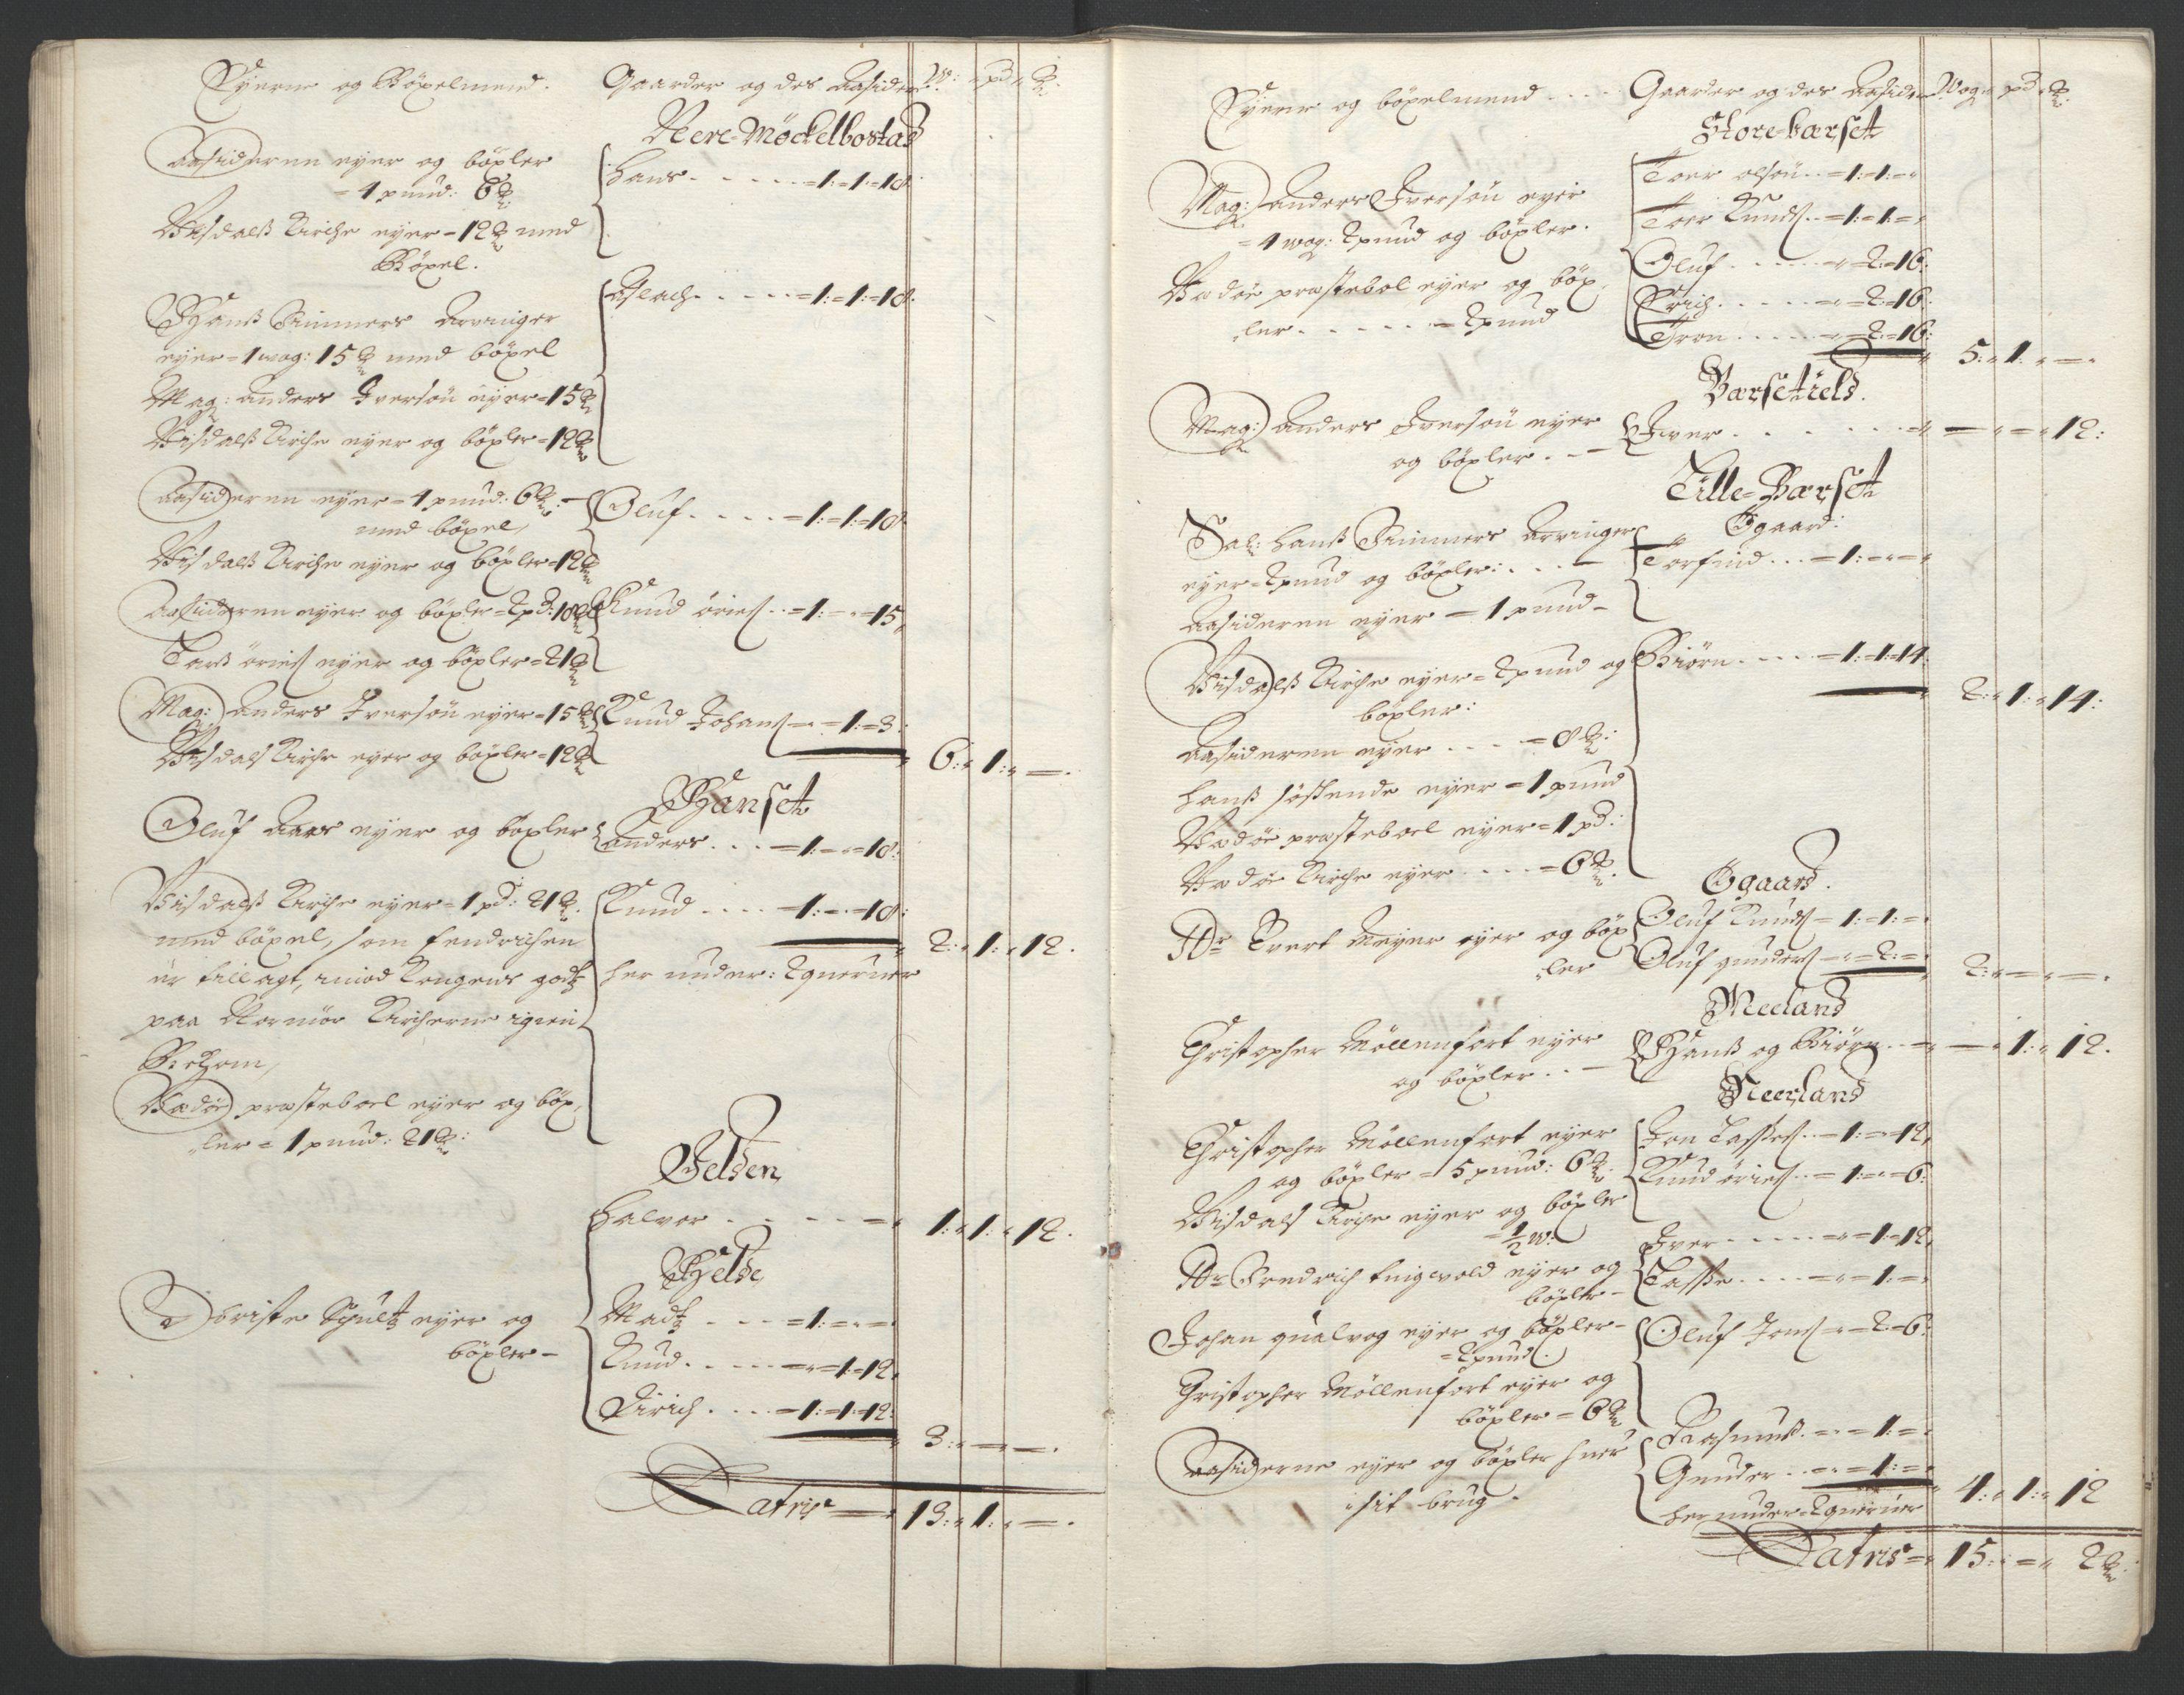 RA, Rentekammeret inntil 1814, Reviderte regnskaper, Fogderegnskap, R55/L3652: Fogderegnskap Romsdal, 1695-1696, s. 26